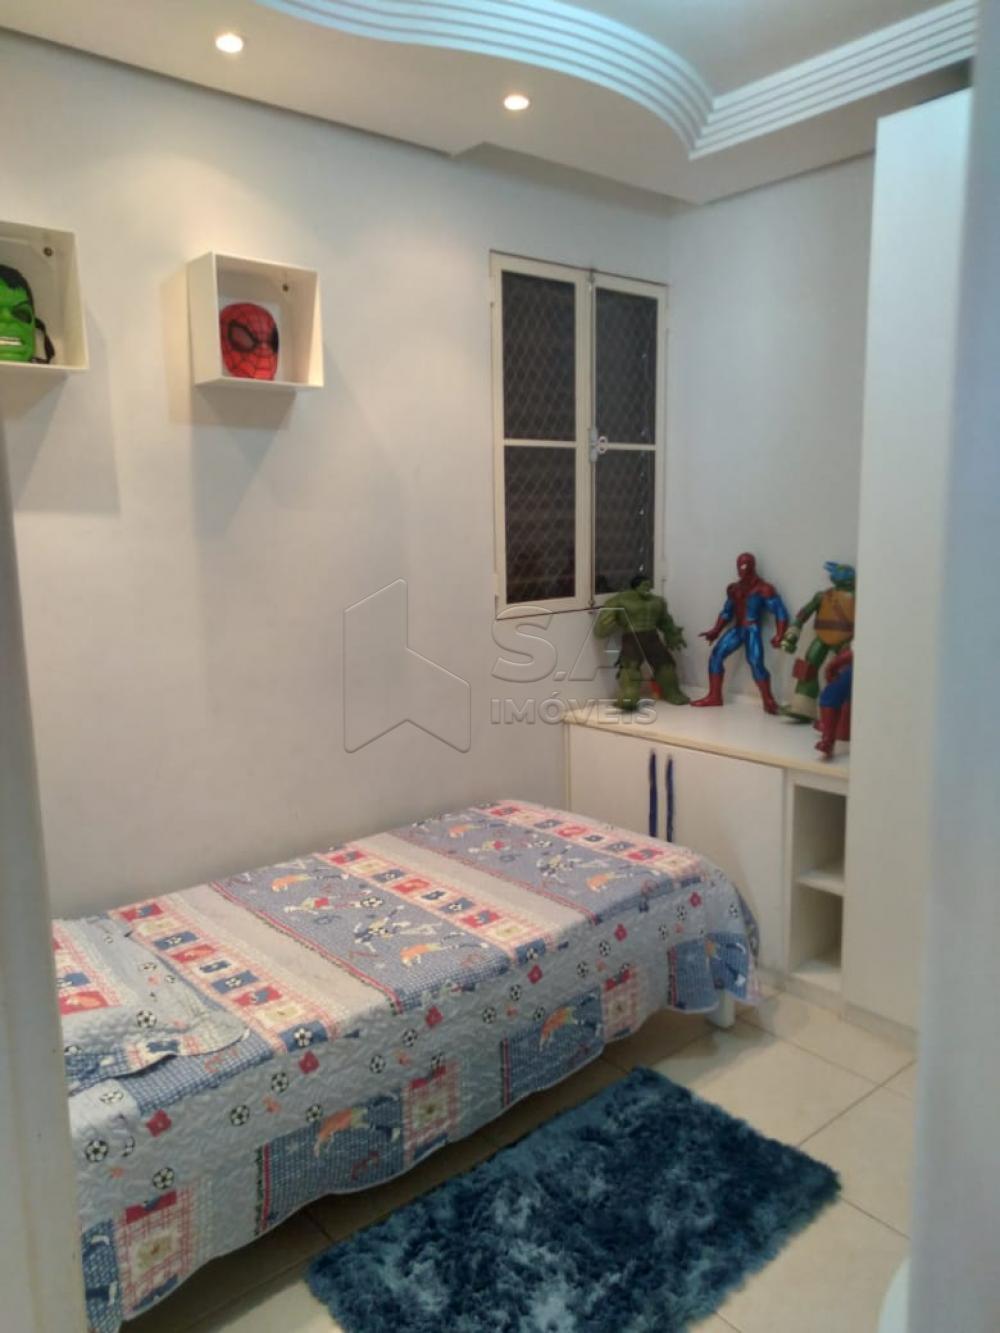 Comprar Apartamento / Padrão em Botucatu apenas R$ 370.000,00 - Foto 8